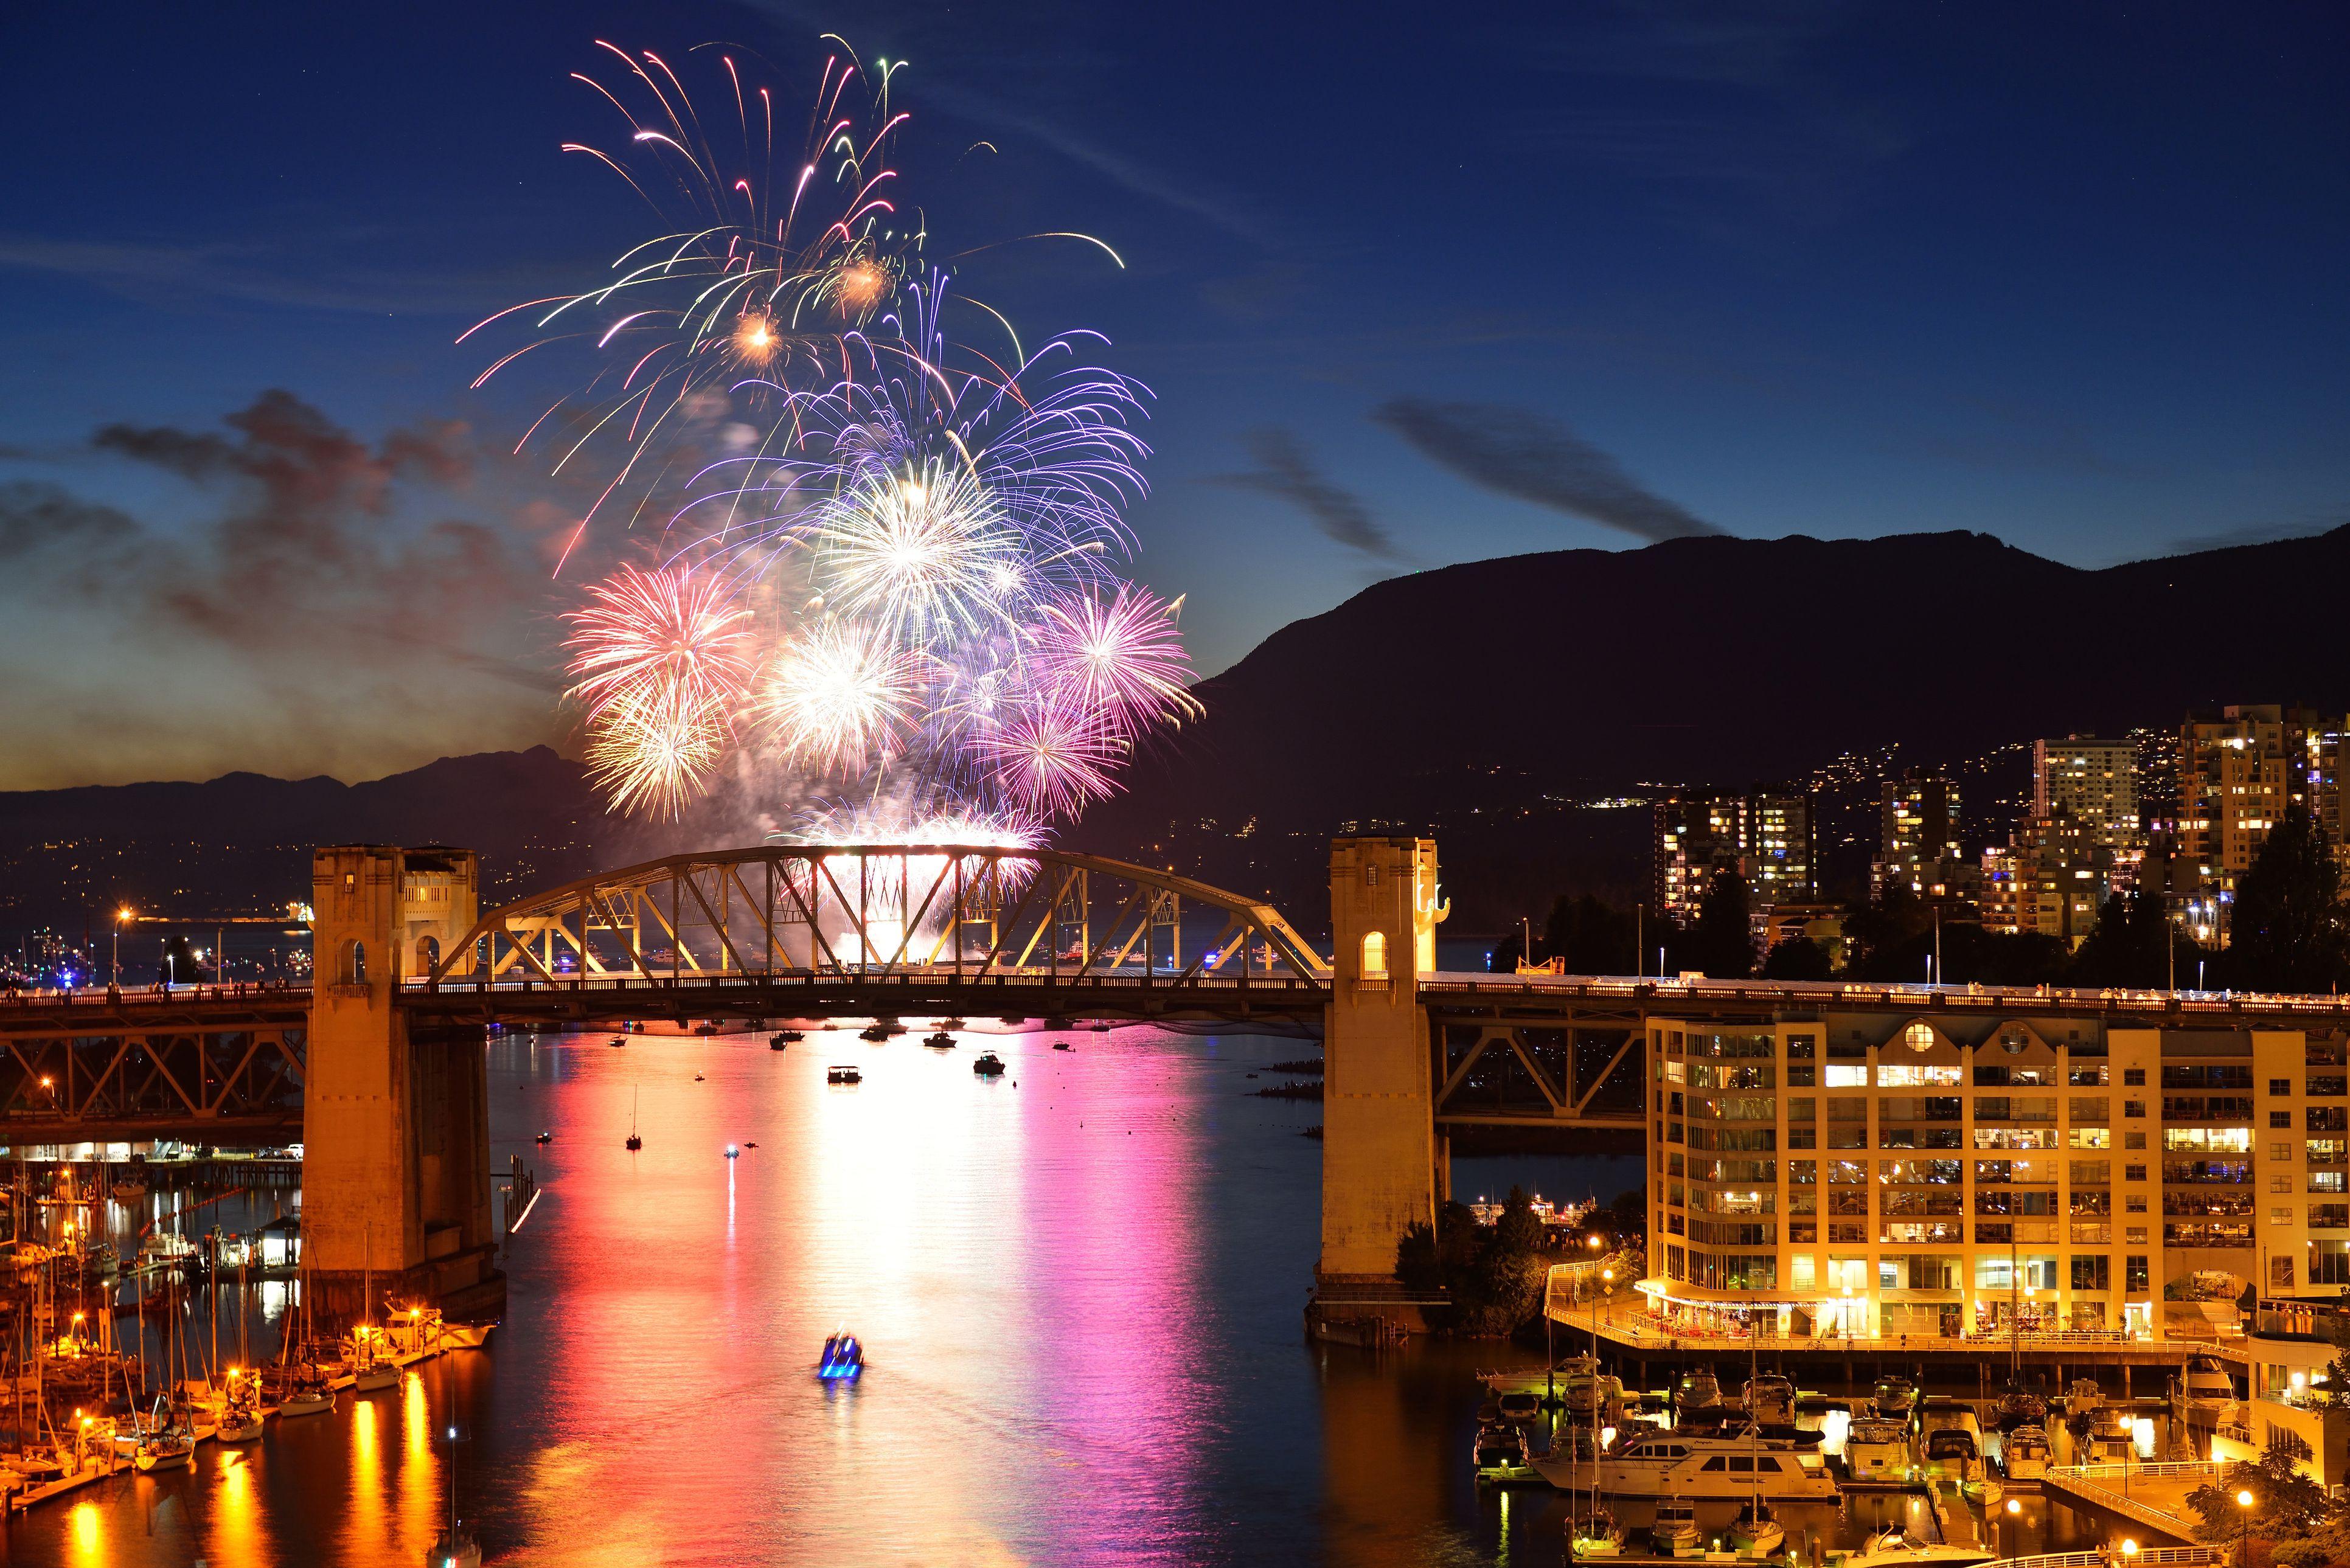 Celebración de las luces, exhibición de fuegos artificiales en English Bay, Vancouver, BC